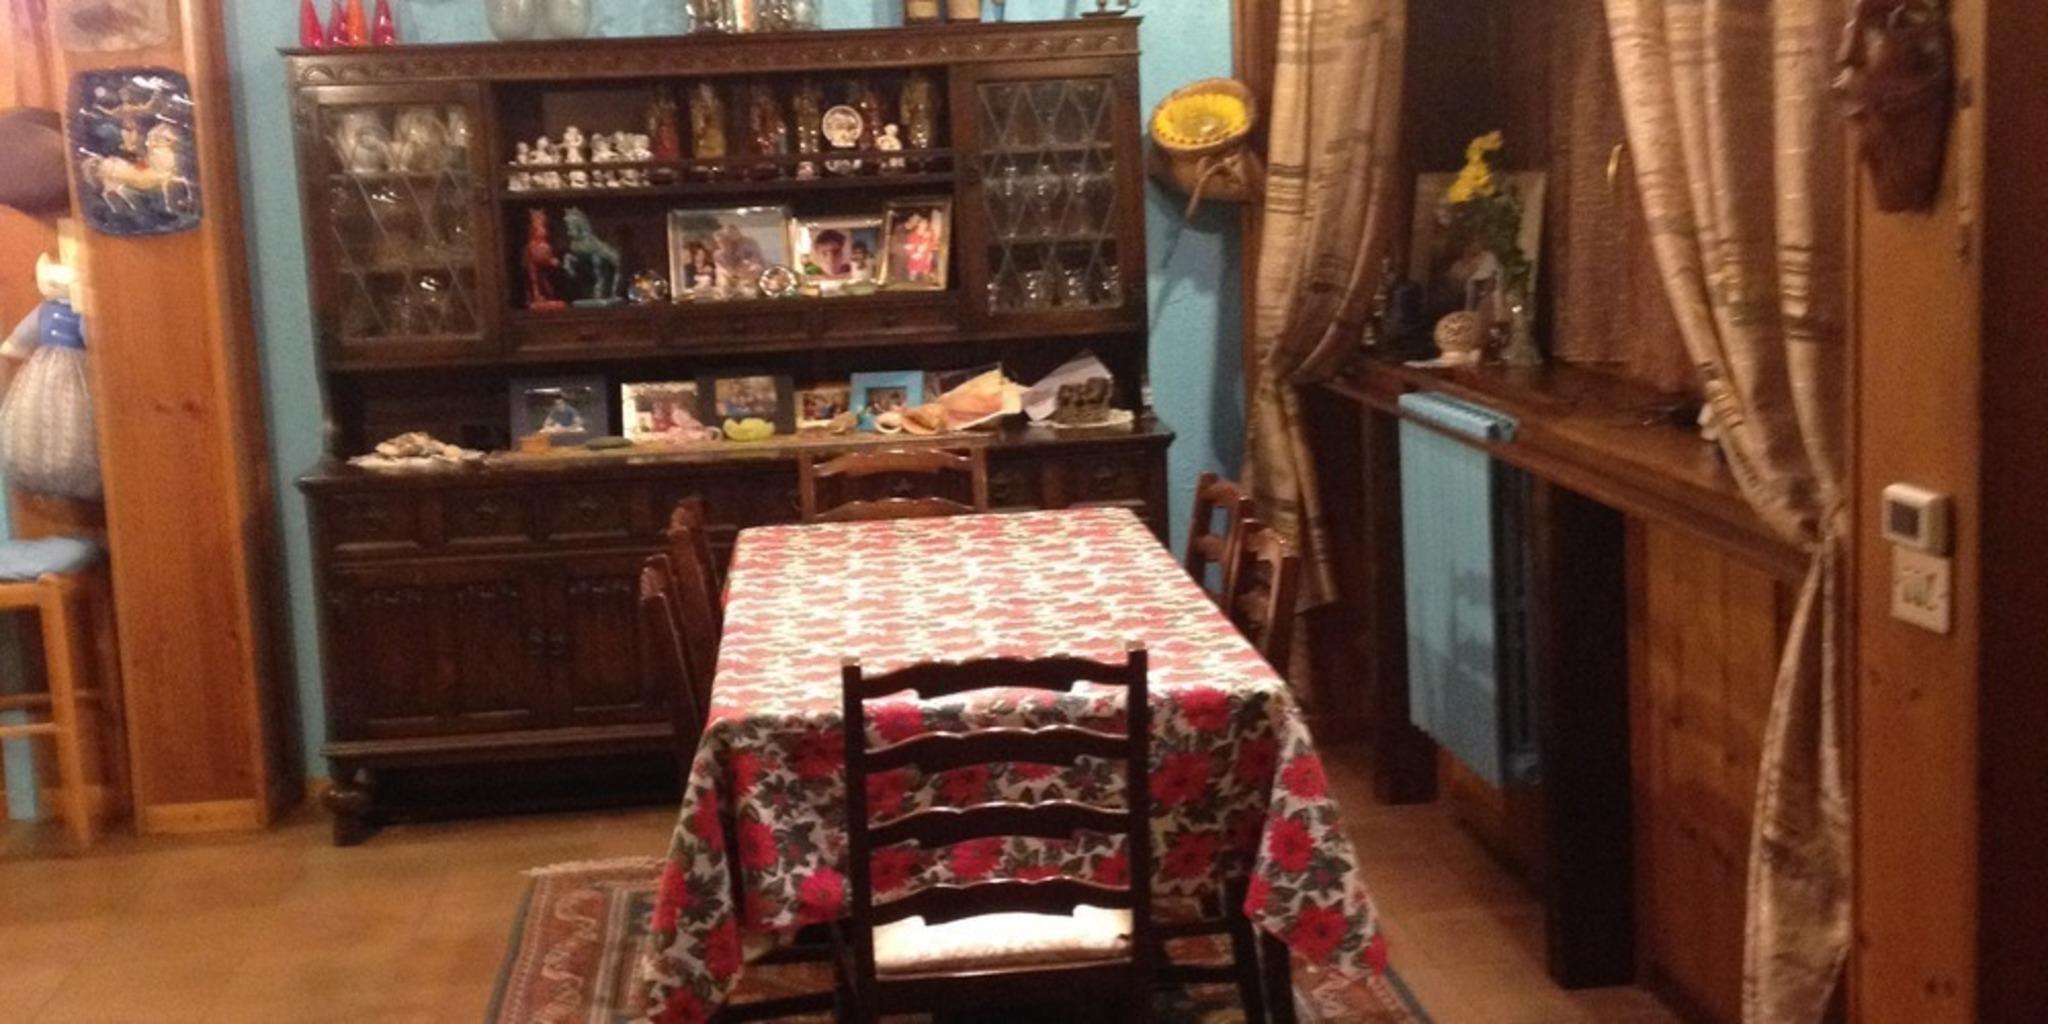 B&b Corso Sempione Milano bed & breakfast milan benedetto diotti - b&b milan